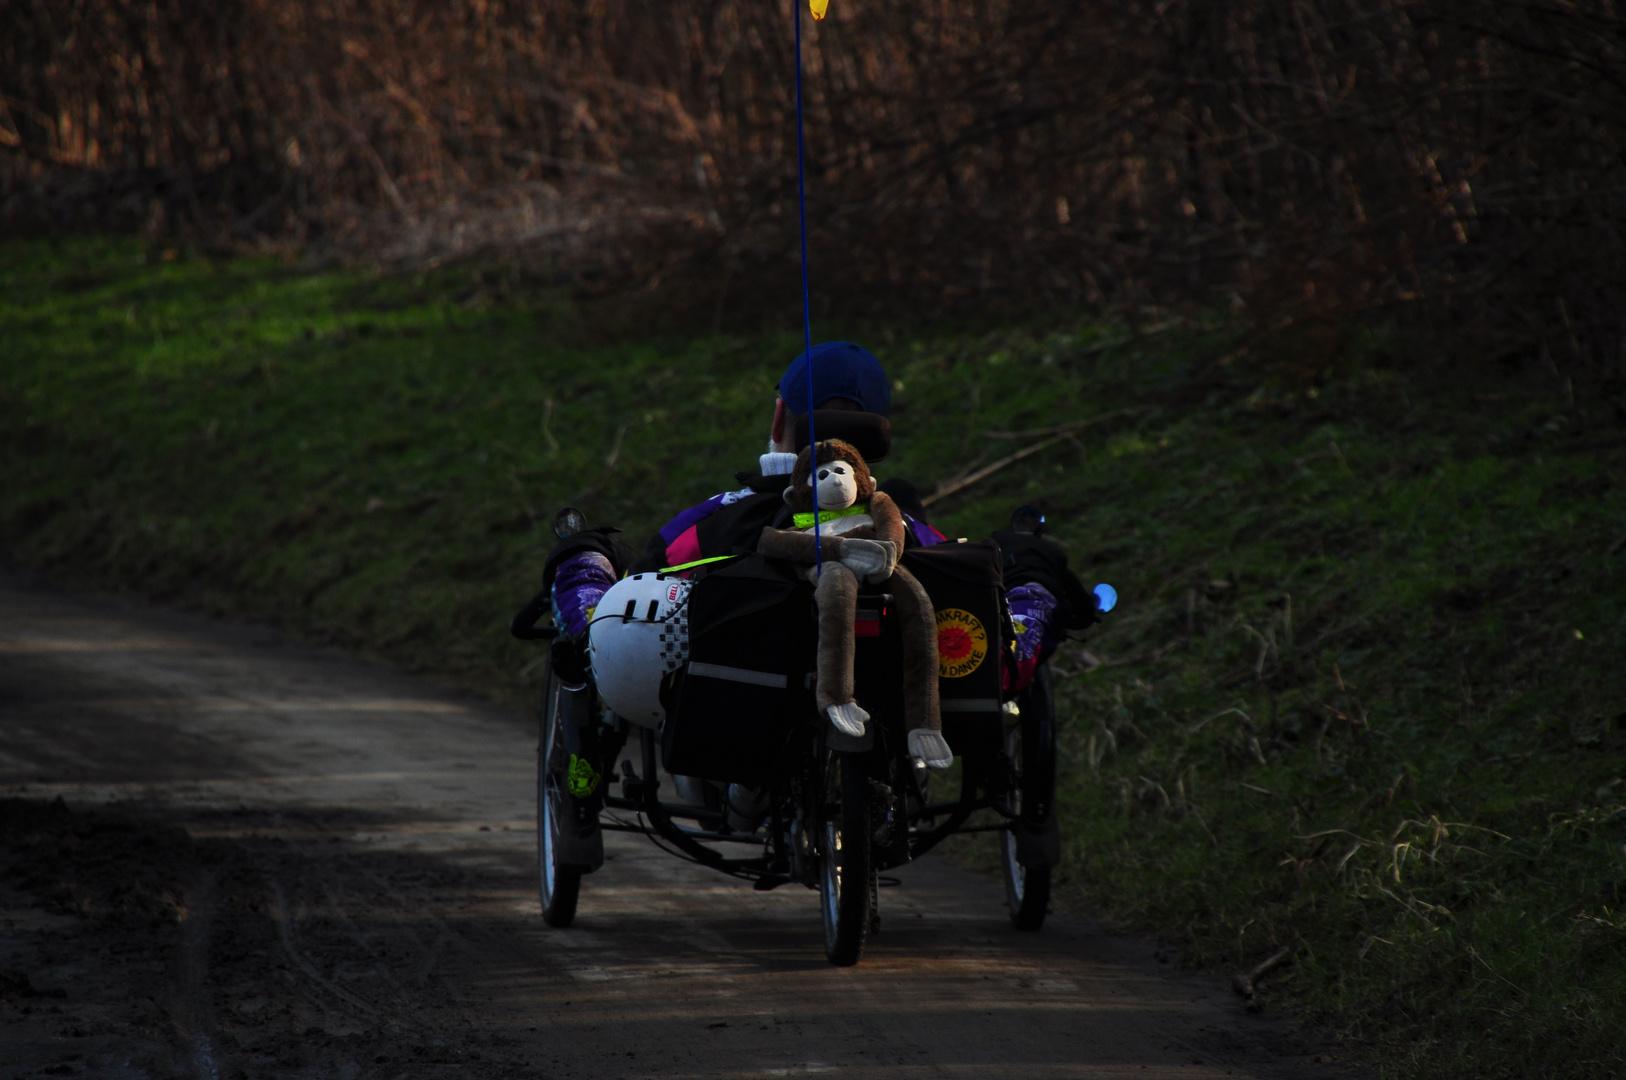 der Affe auf dem Fahrrad